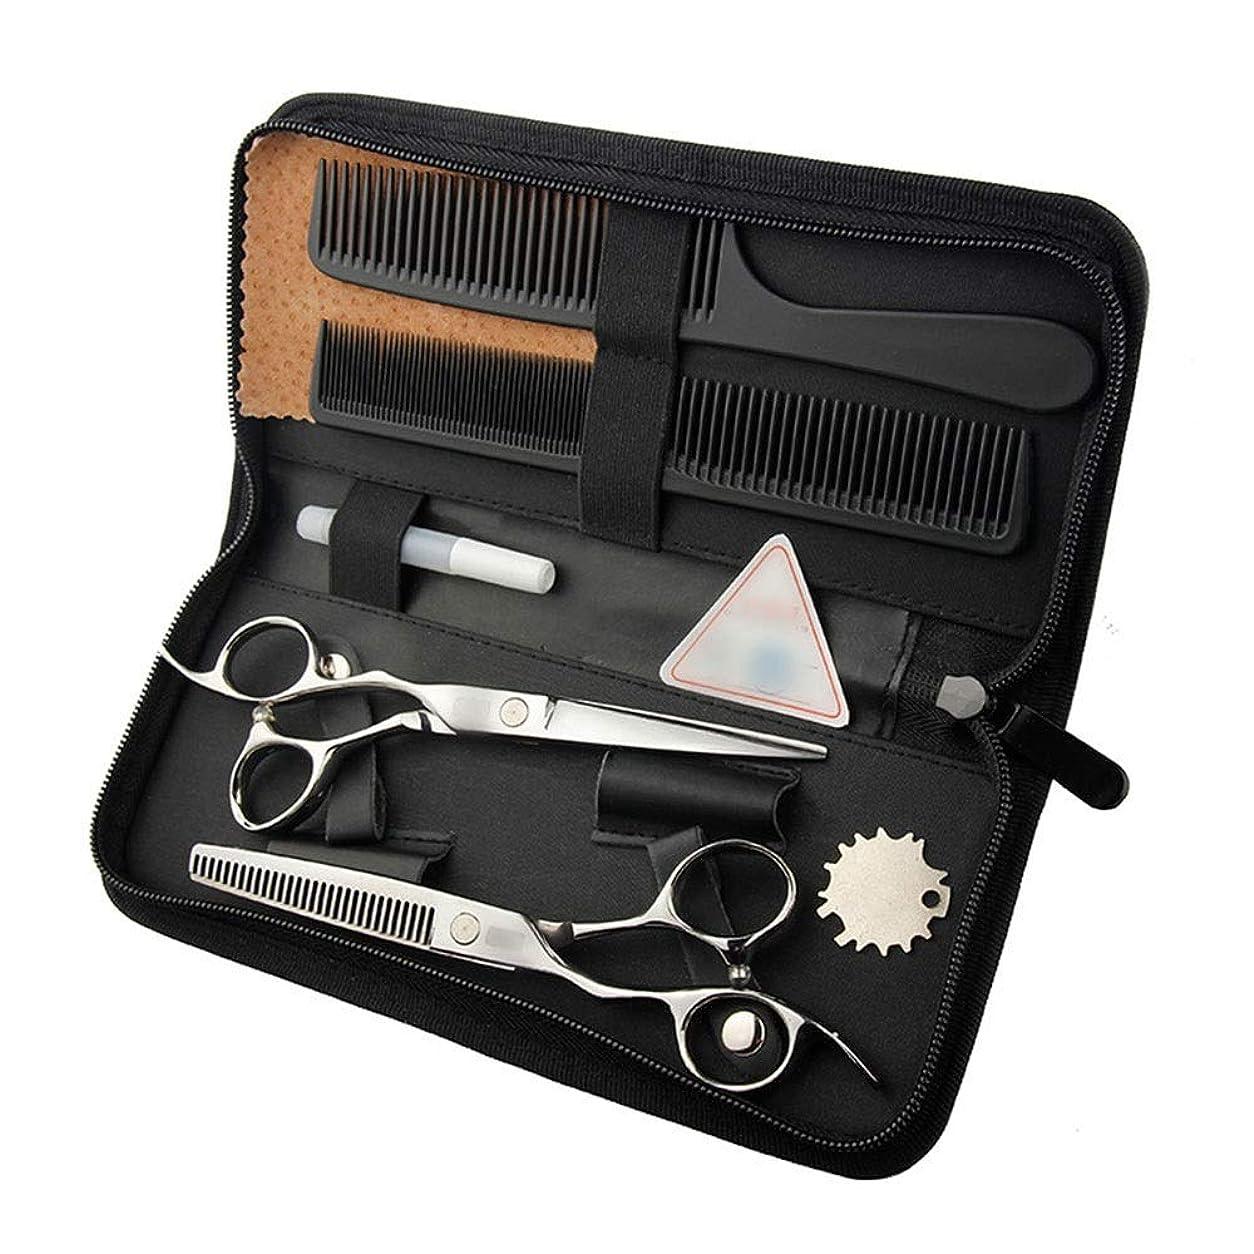 間違いなく区別適応的6インチ美容院プロのヘアカットフラットシザー+歯シザー モデリングツール (色 : Silver)